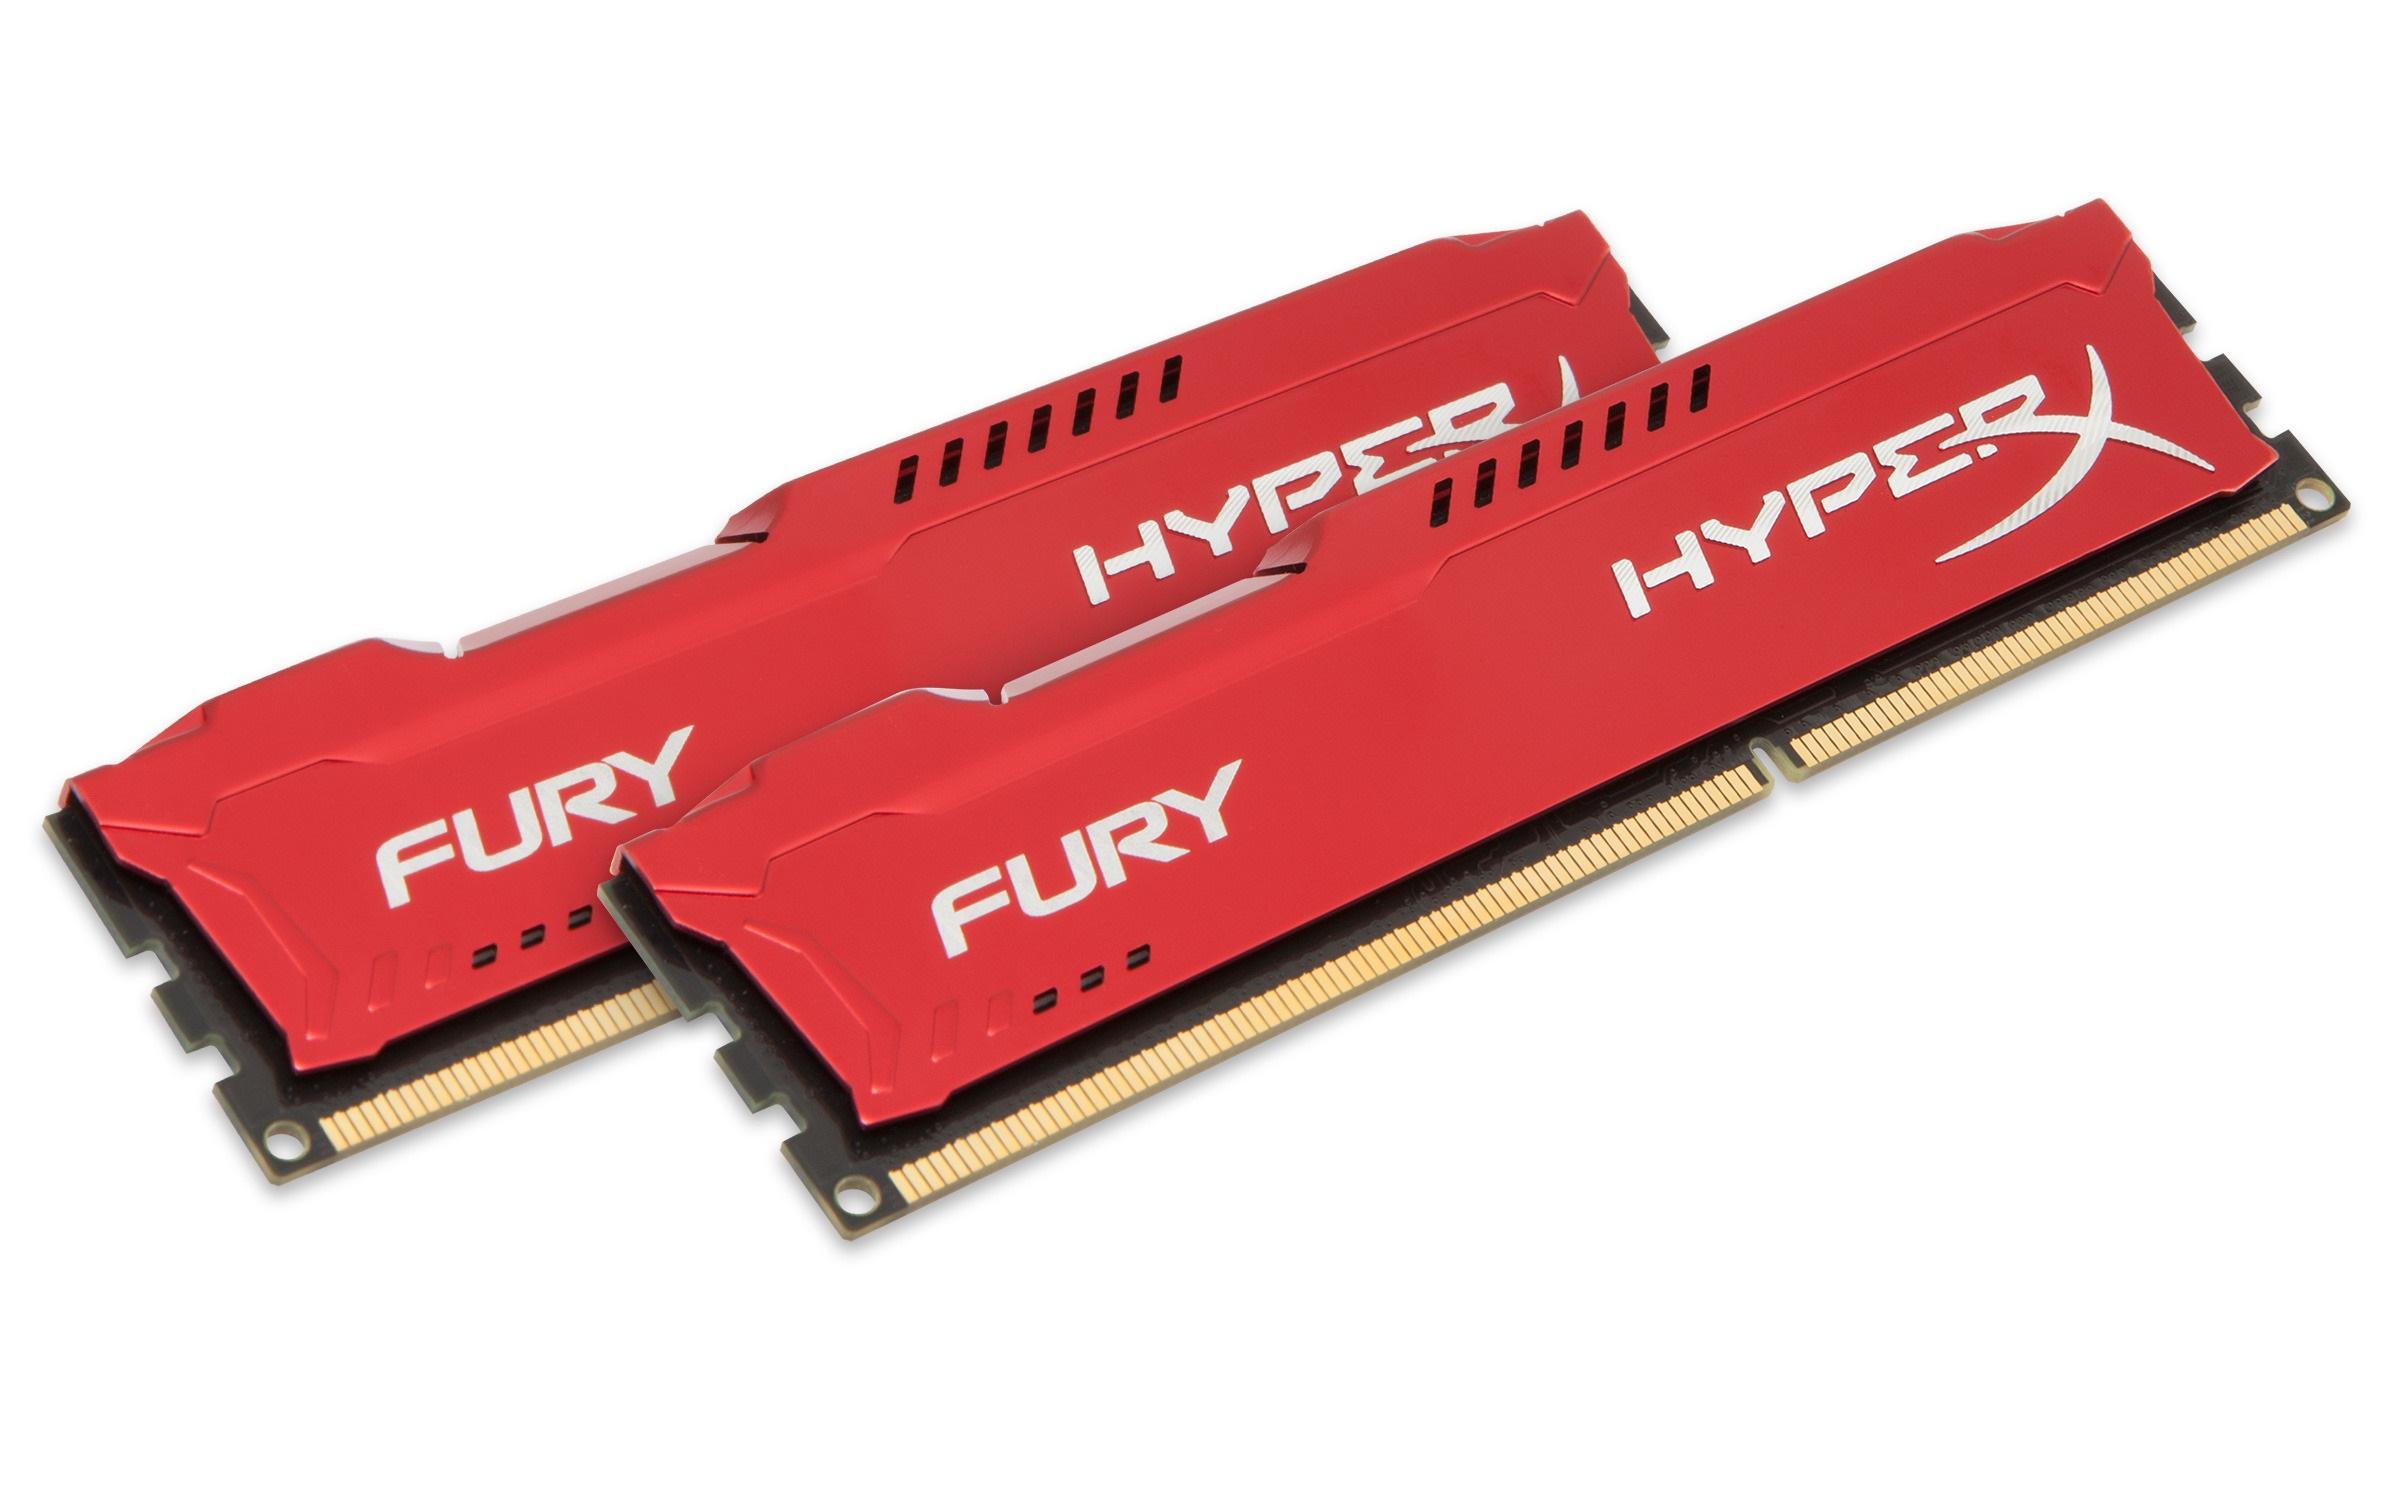 16GB DDR3-1333MHz Kingston HyperX Fury Red, 2x8GB